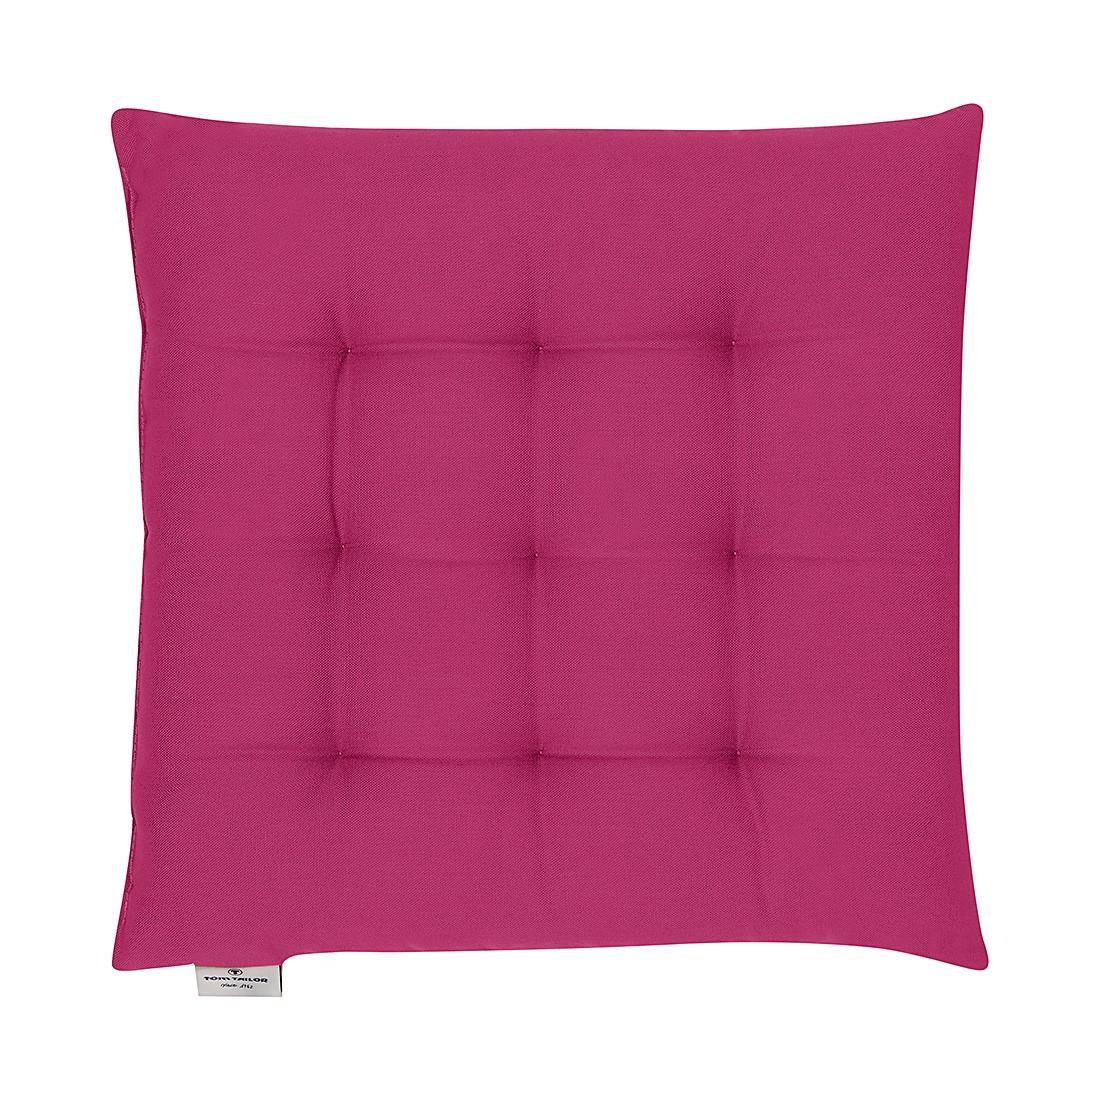 sitzkissen pink preisvergleich die besten angebote online kaufen. Black Bedroom Furniture Sets. Home Design Ideas